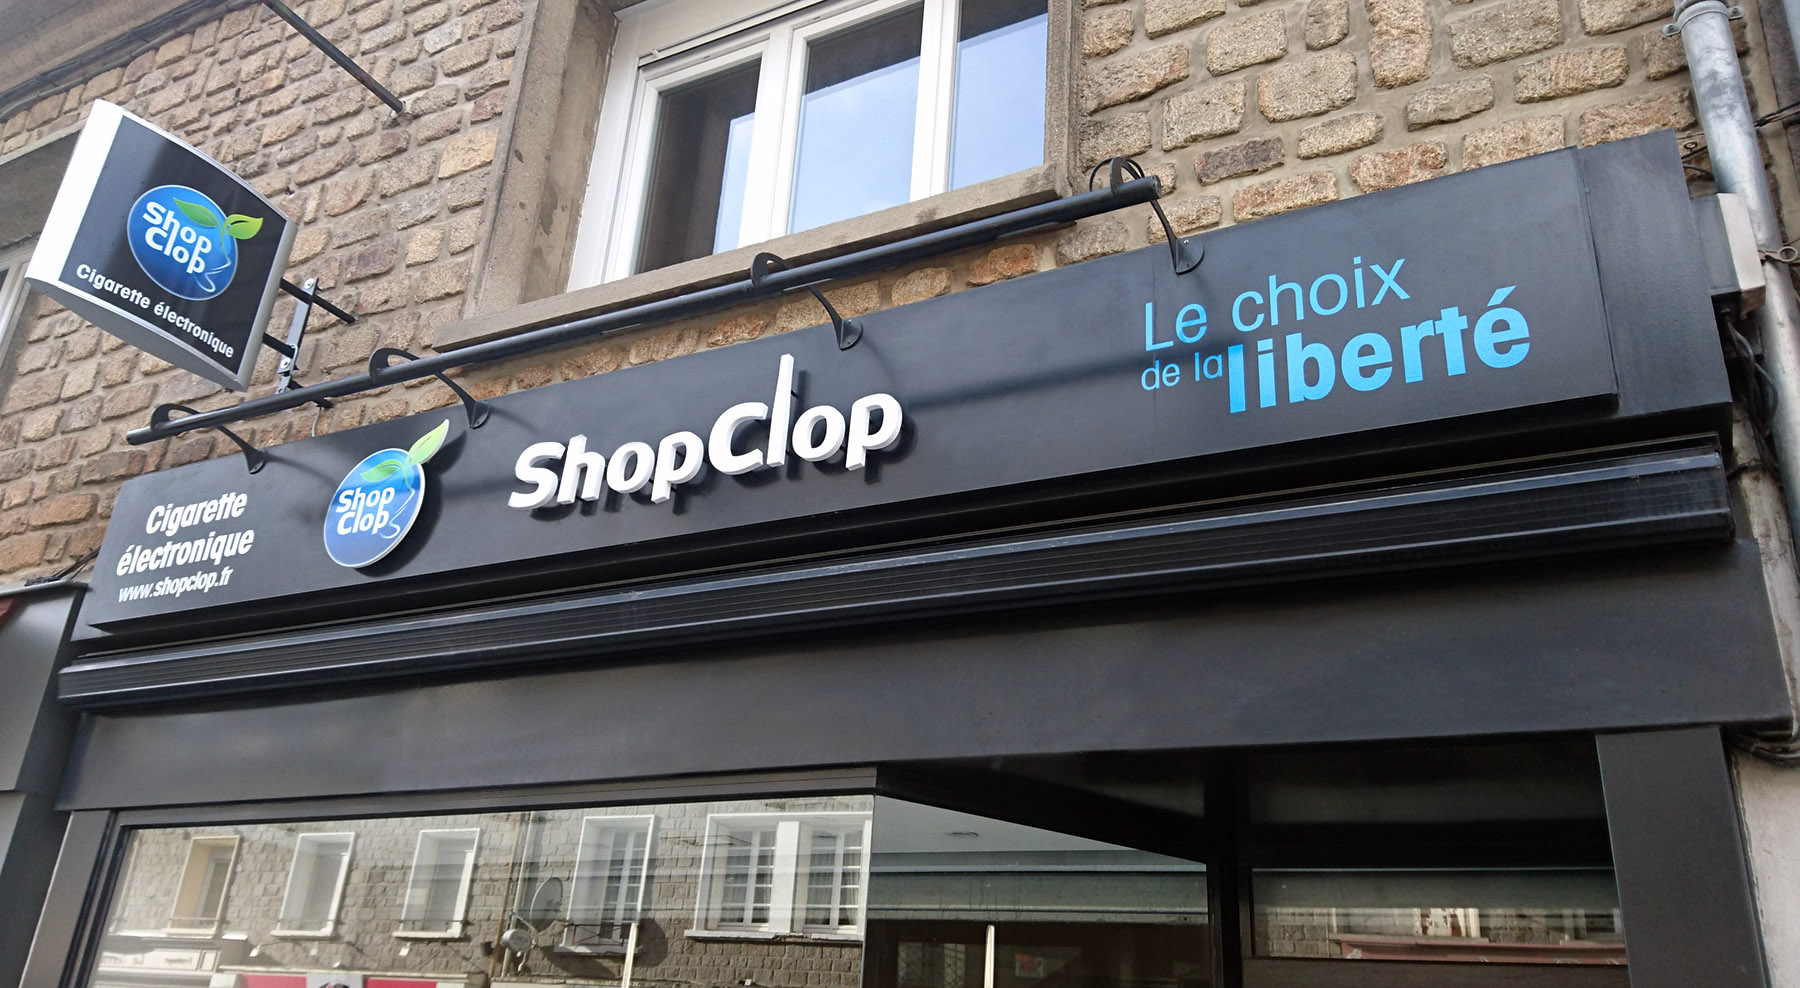 shopclop-cigarette-electronique-enseigne-saint-lo